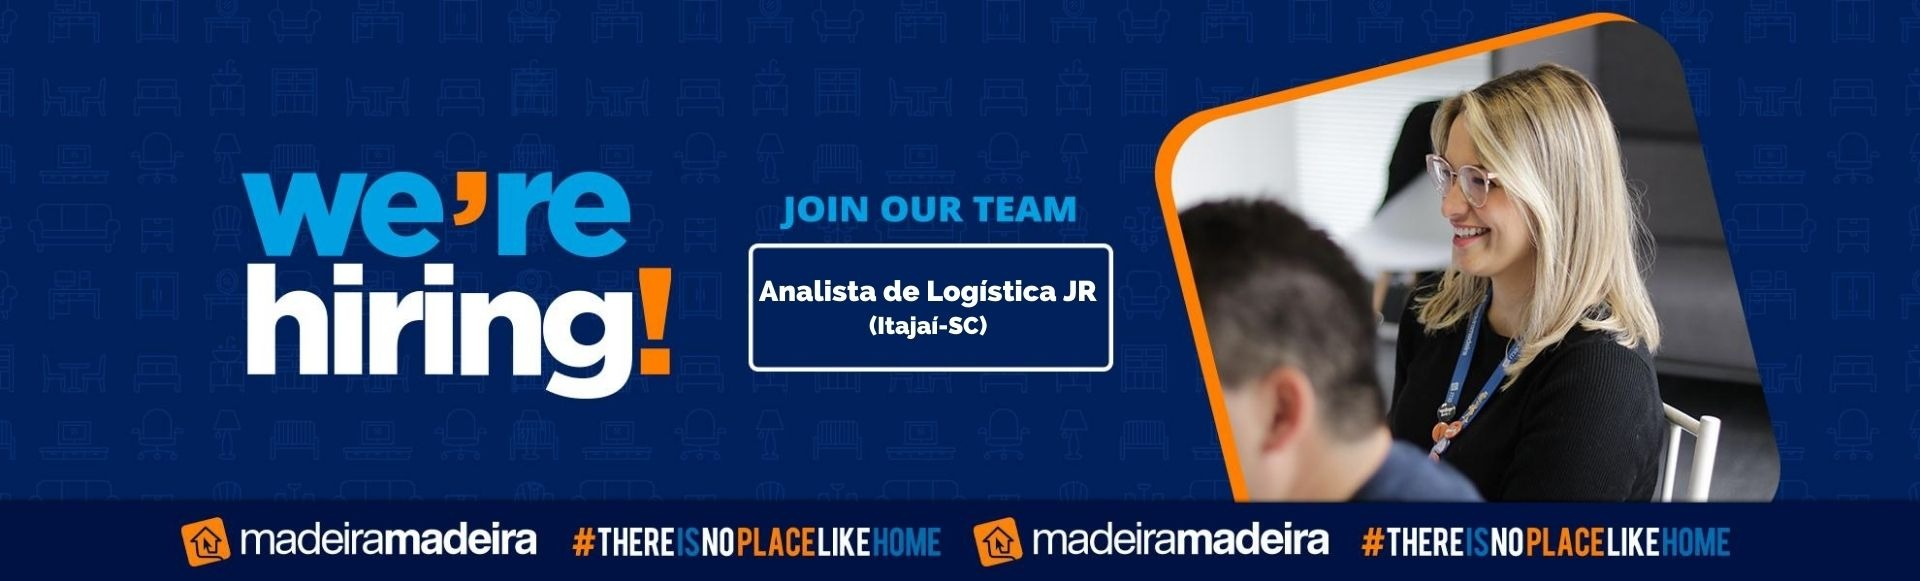 Analista de Logística JR (Itajaí-SC)